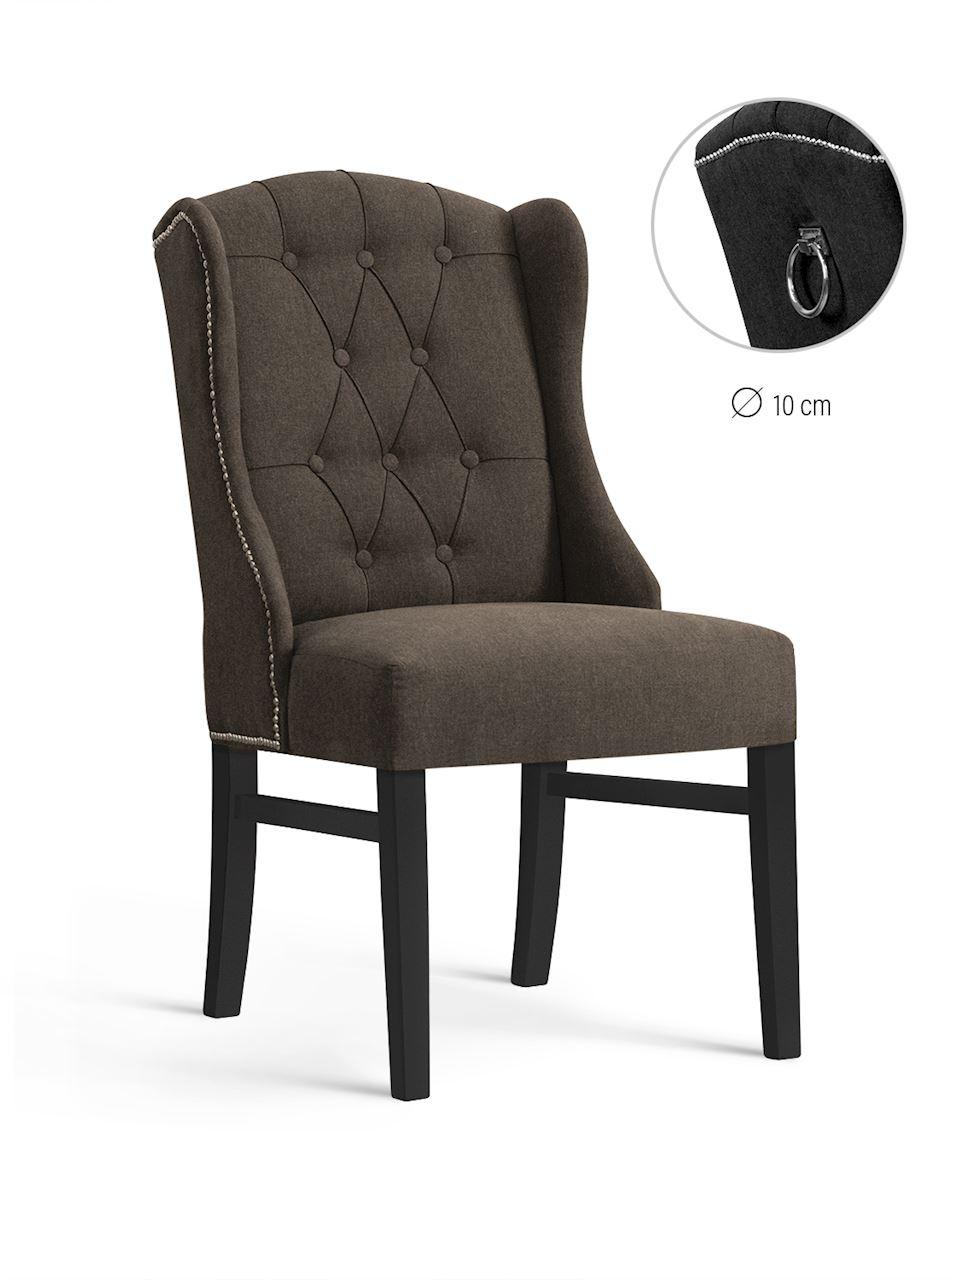 Scaun tapitat cu stofa, cu picioare din lemn Royal Brown / Black, l55xA74xH105 cm